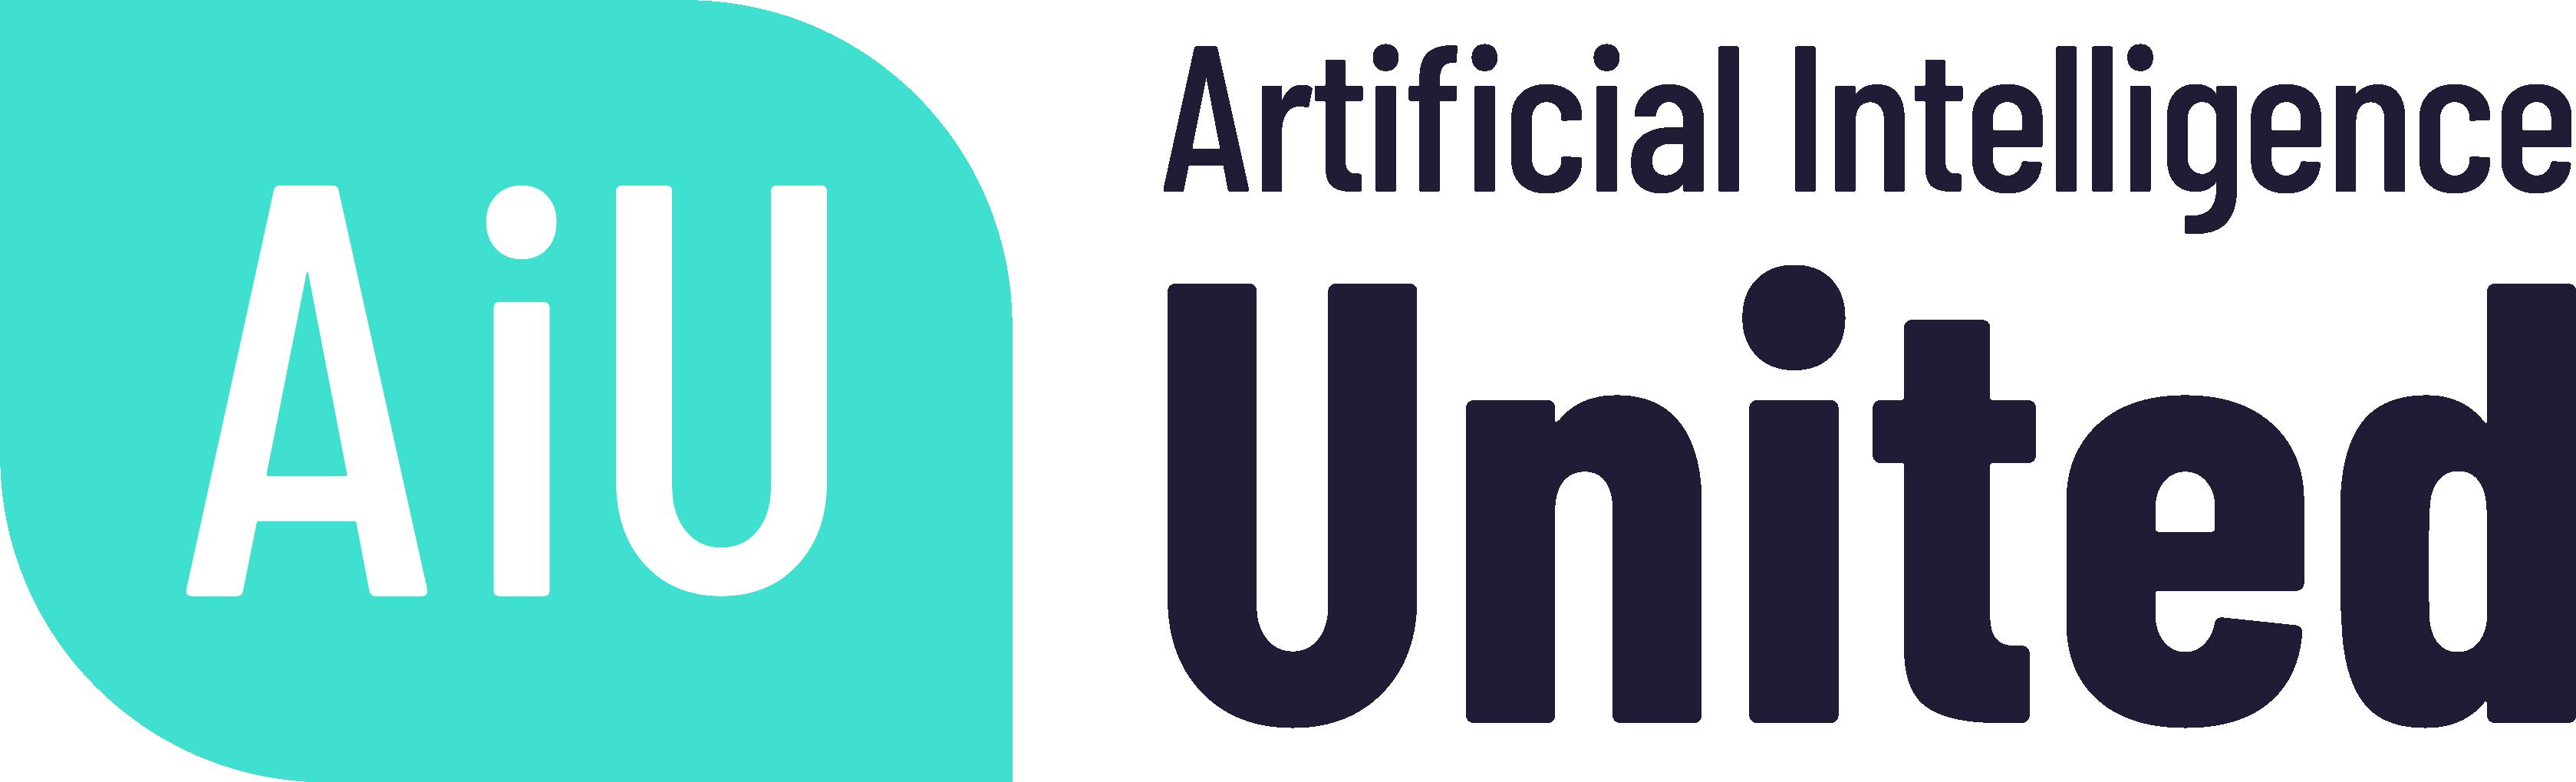 Introducción a la Inteligencia Artificial (AI), definición (1.1.1.) y tipos (1.1.2.)